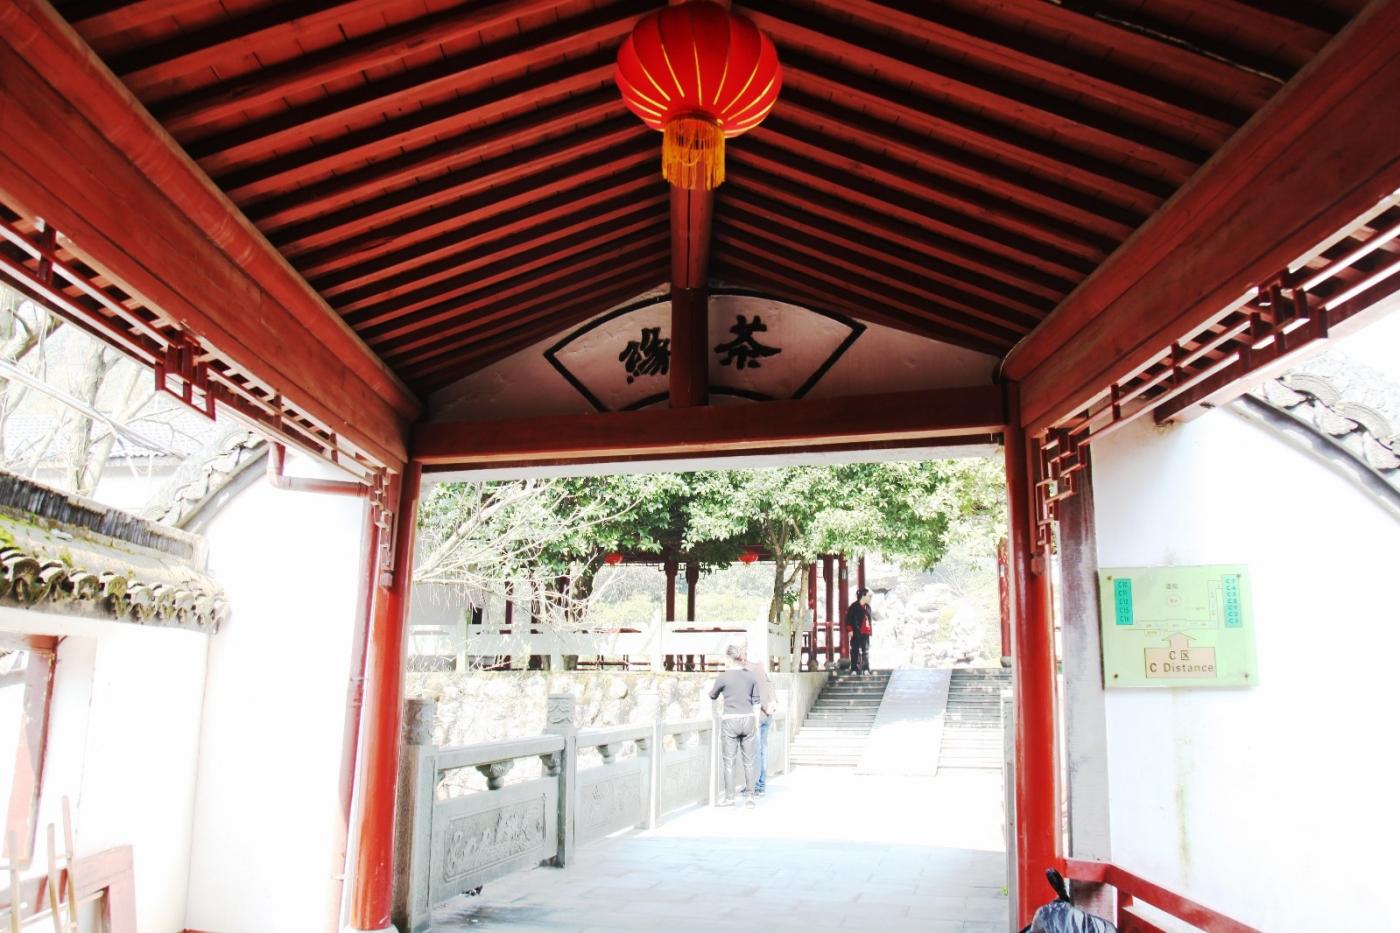 游杭州梅家坞茶场,品西湖龙井茶_图1-8